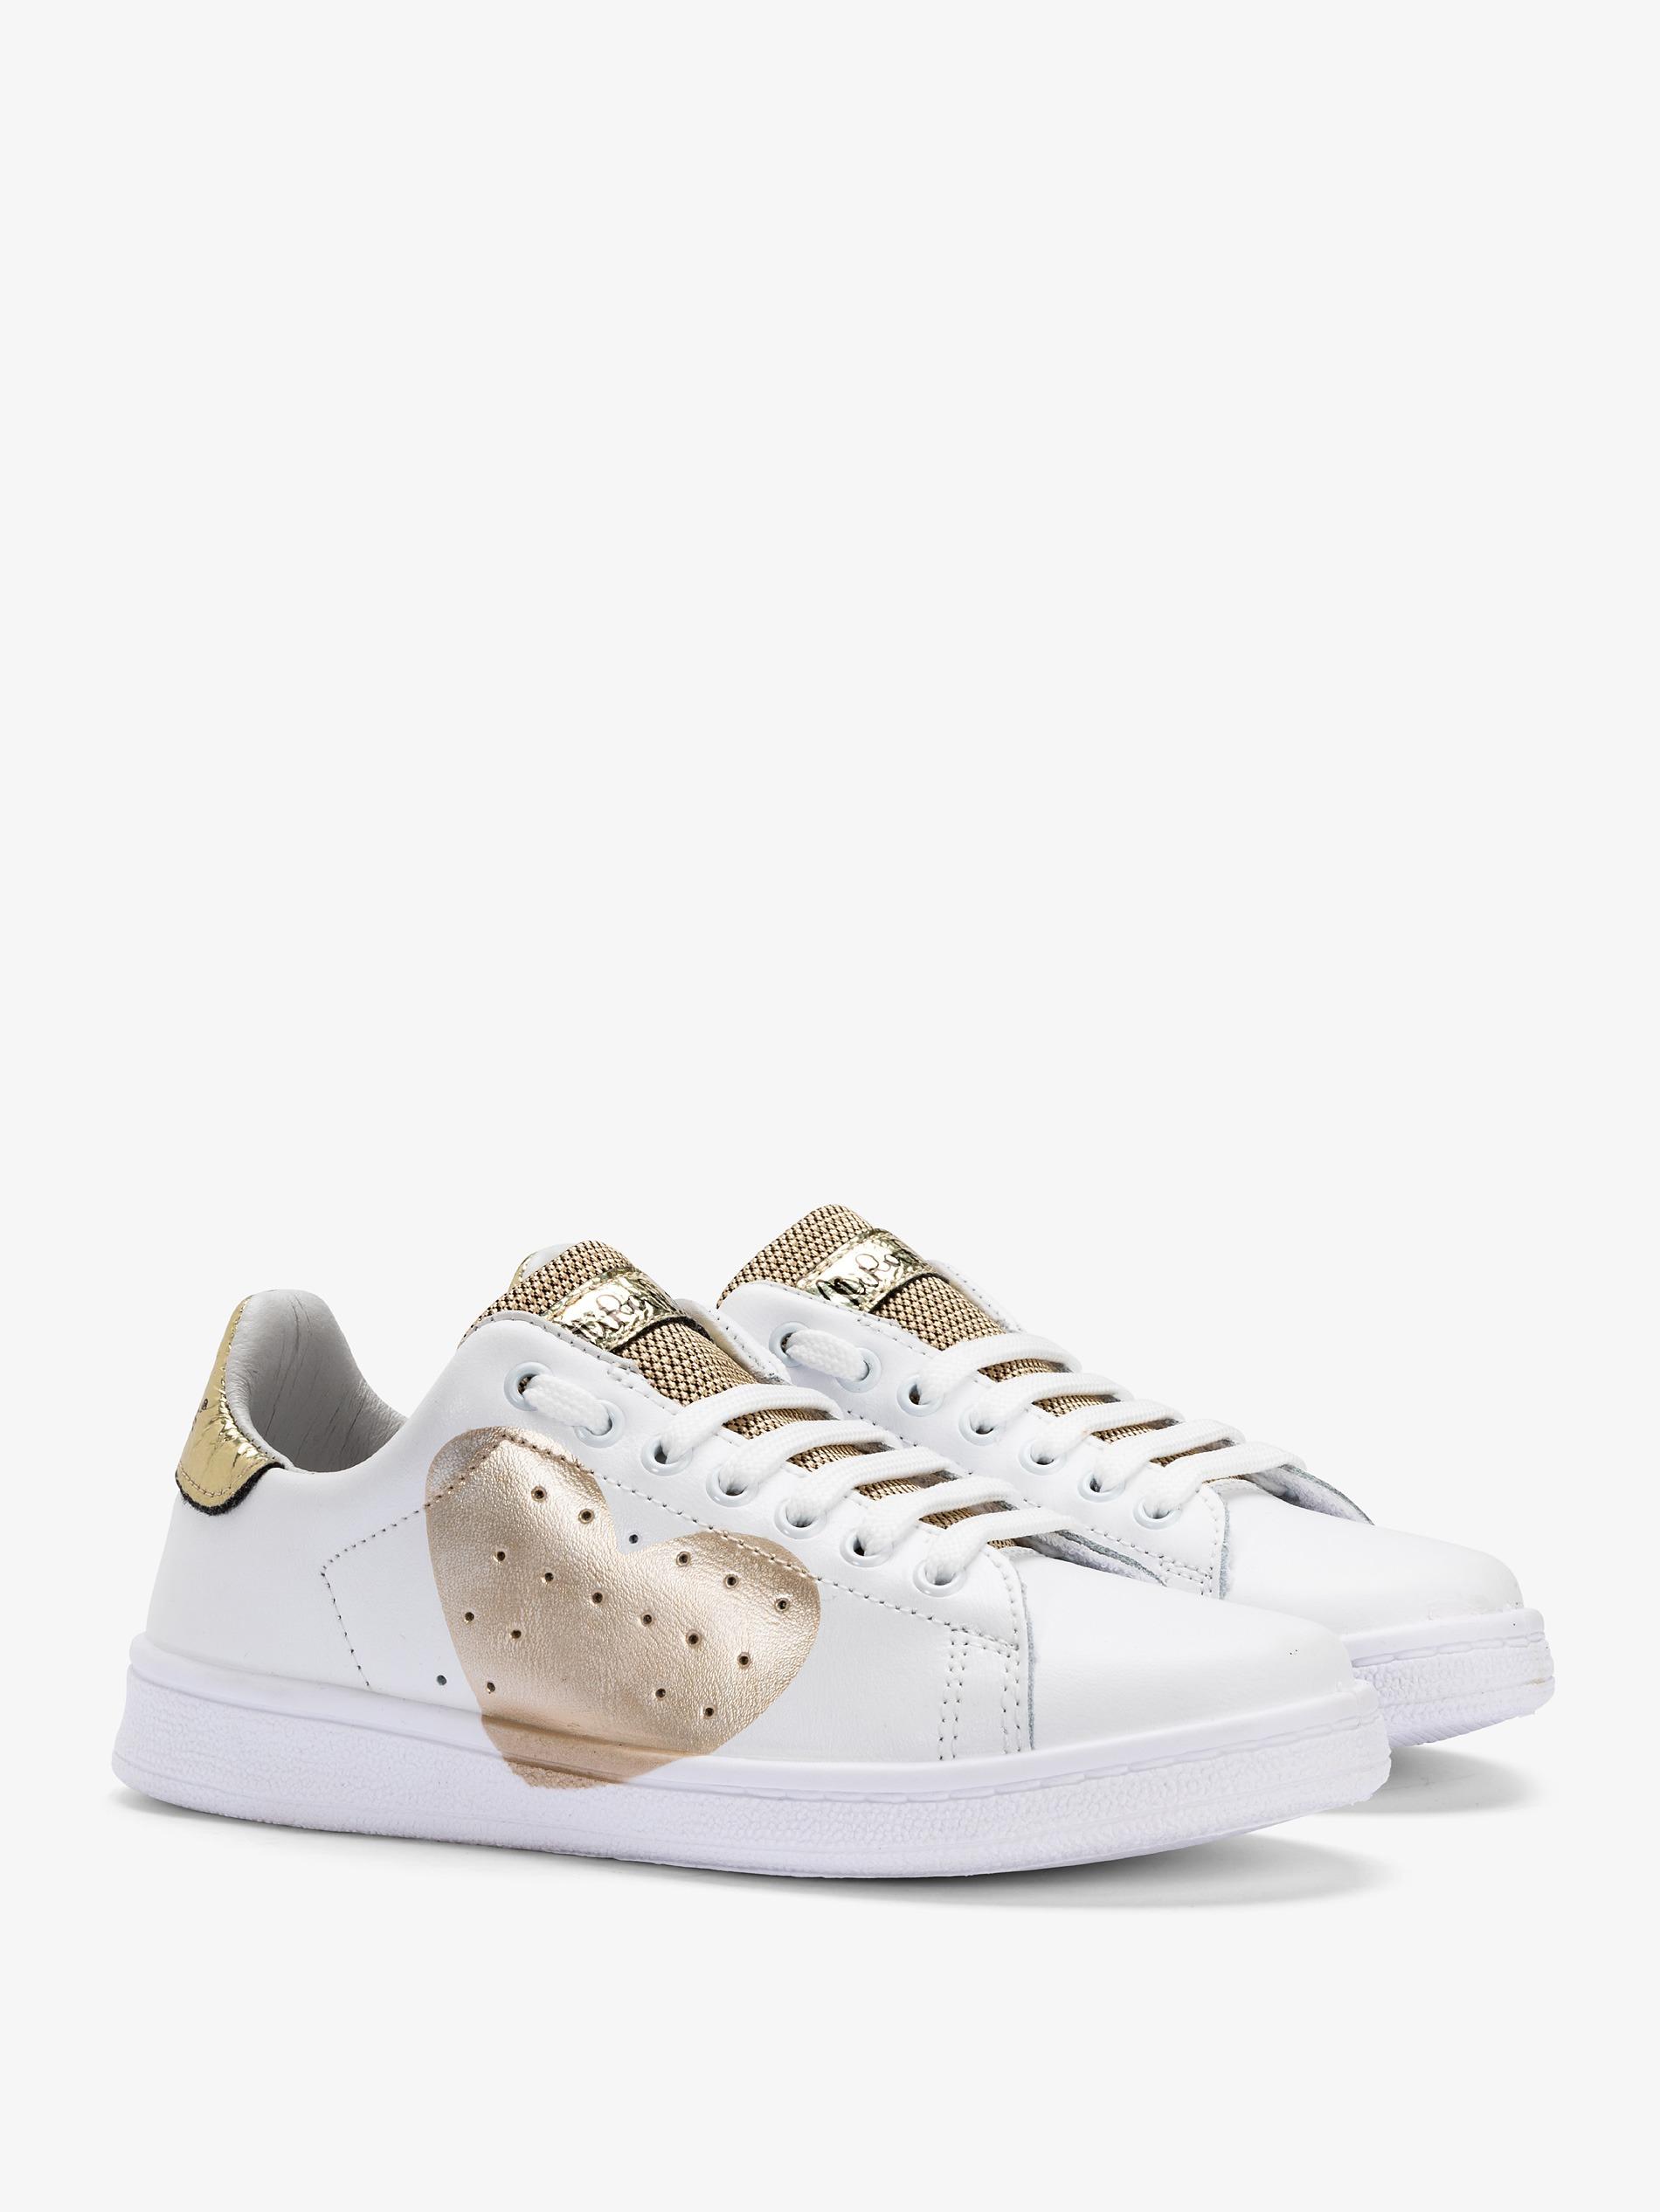 9d5f48d6d2 Da Daiquiri Space Gold Sneakers Donna In Pelle awfdfS